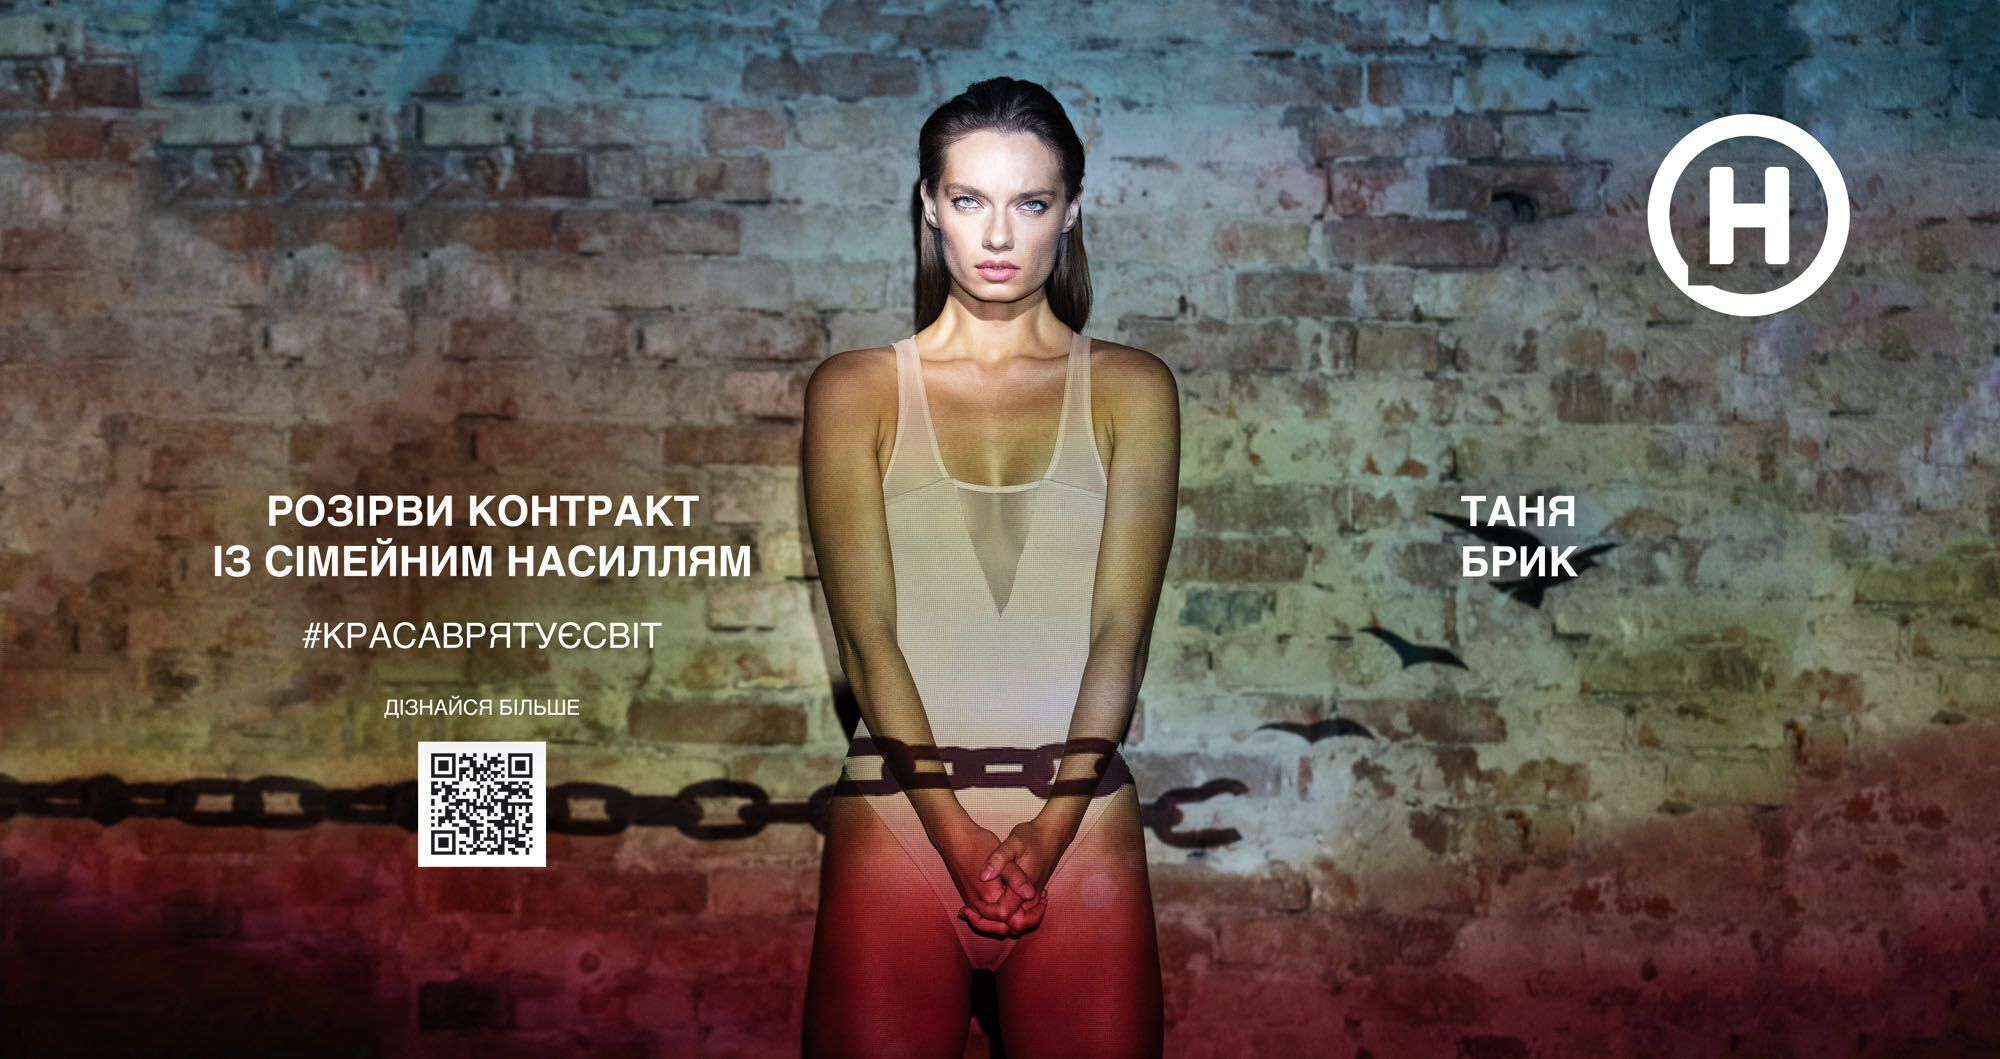 Українська модель Тетяна Брик в соціальному проекті Нового каналу